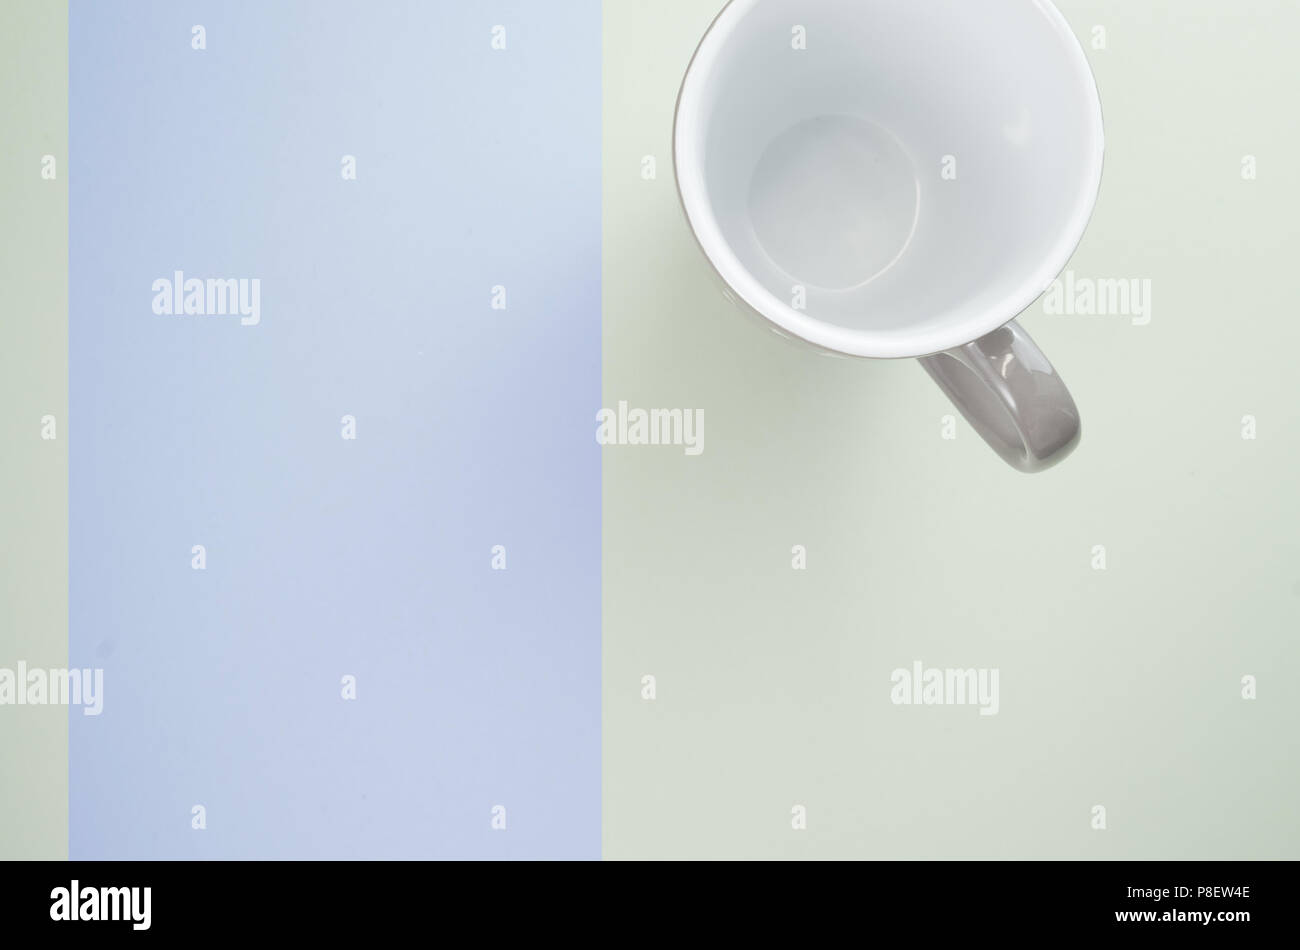 Semplice vuoto tazza ceramica con interno bianco - vista superiore Immagini Stock